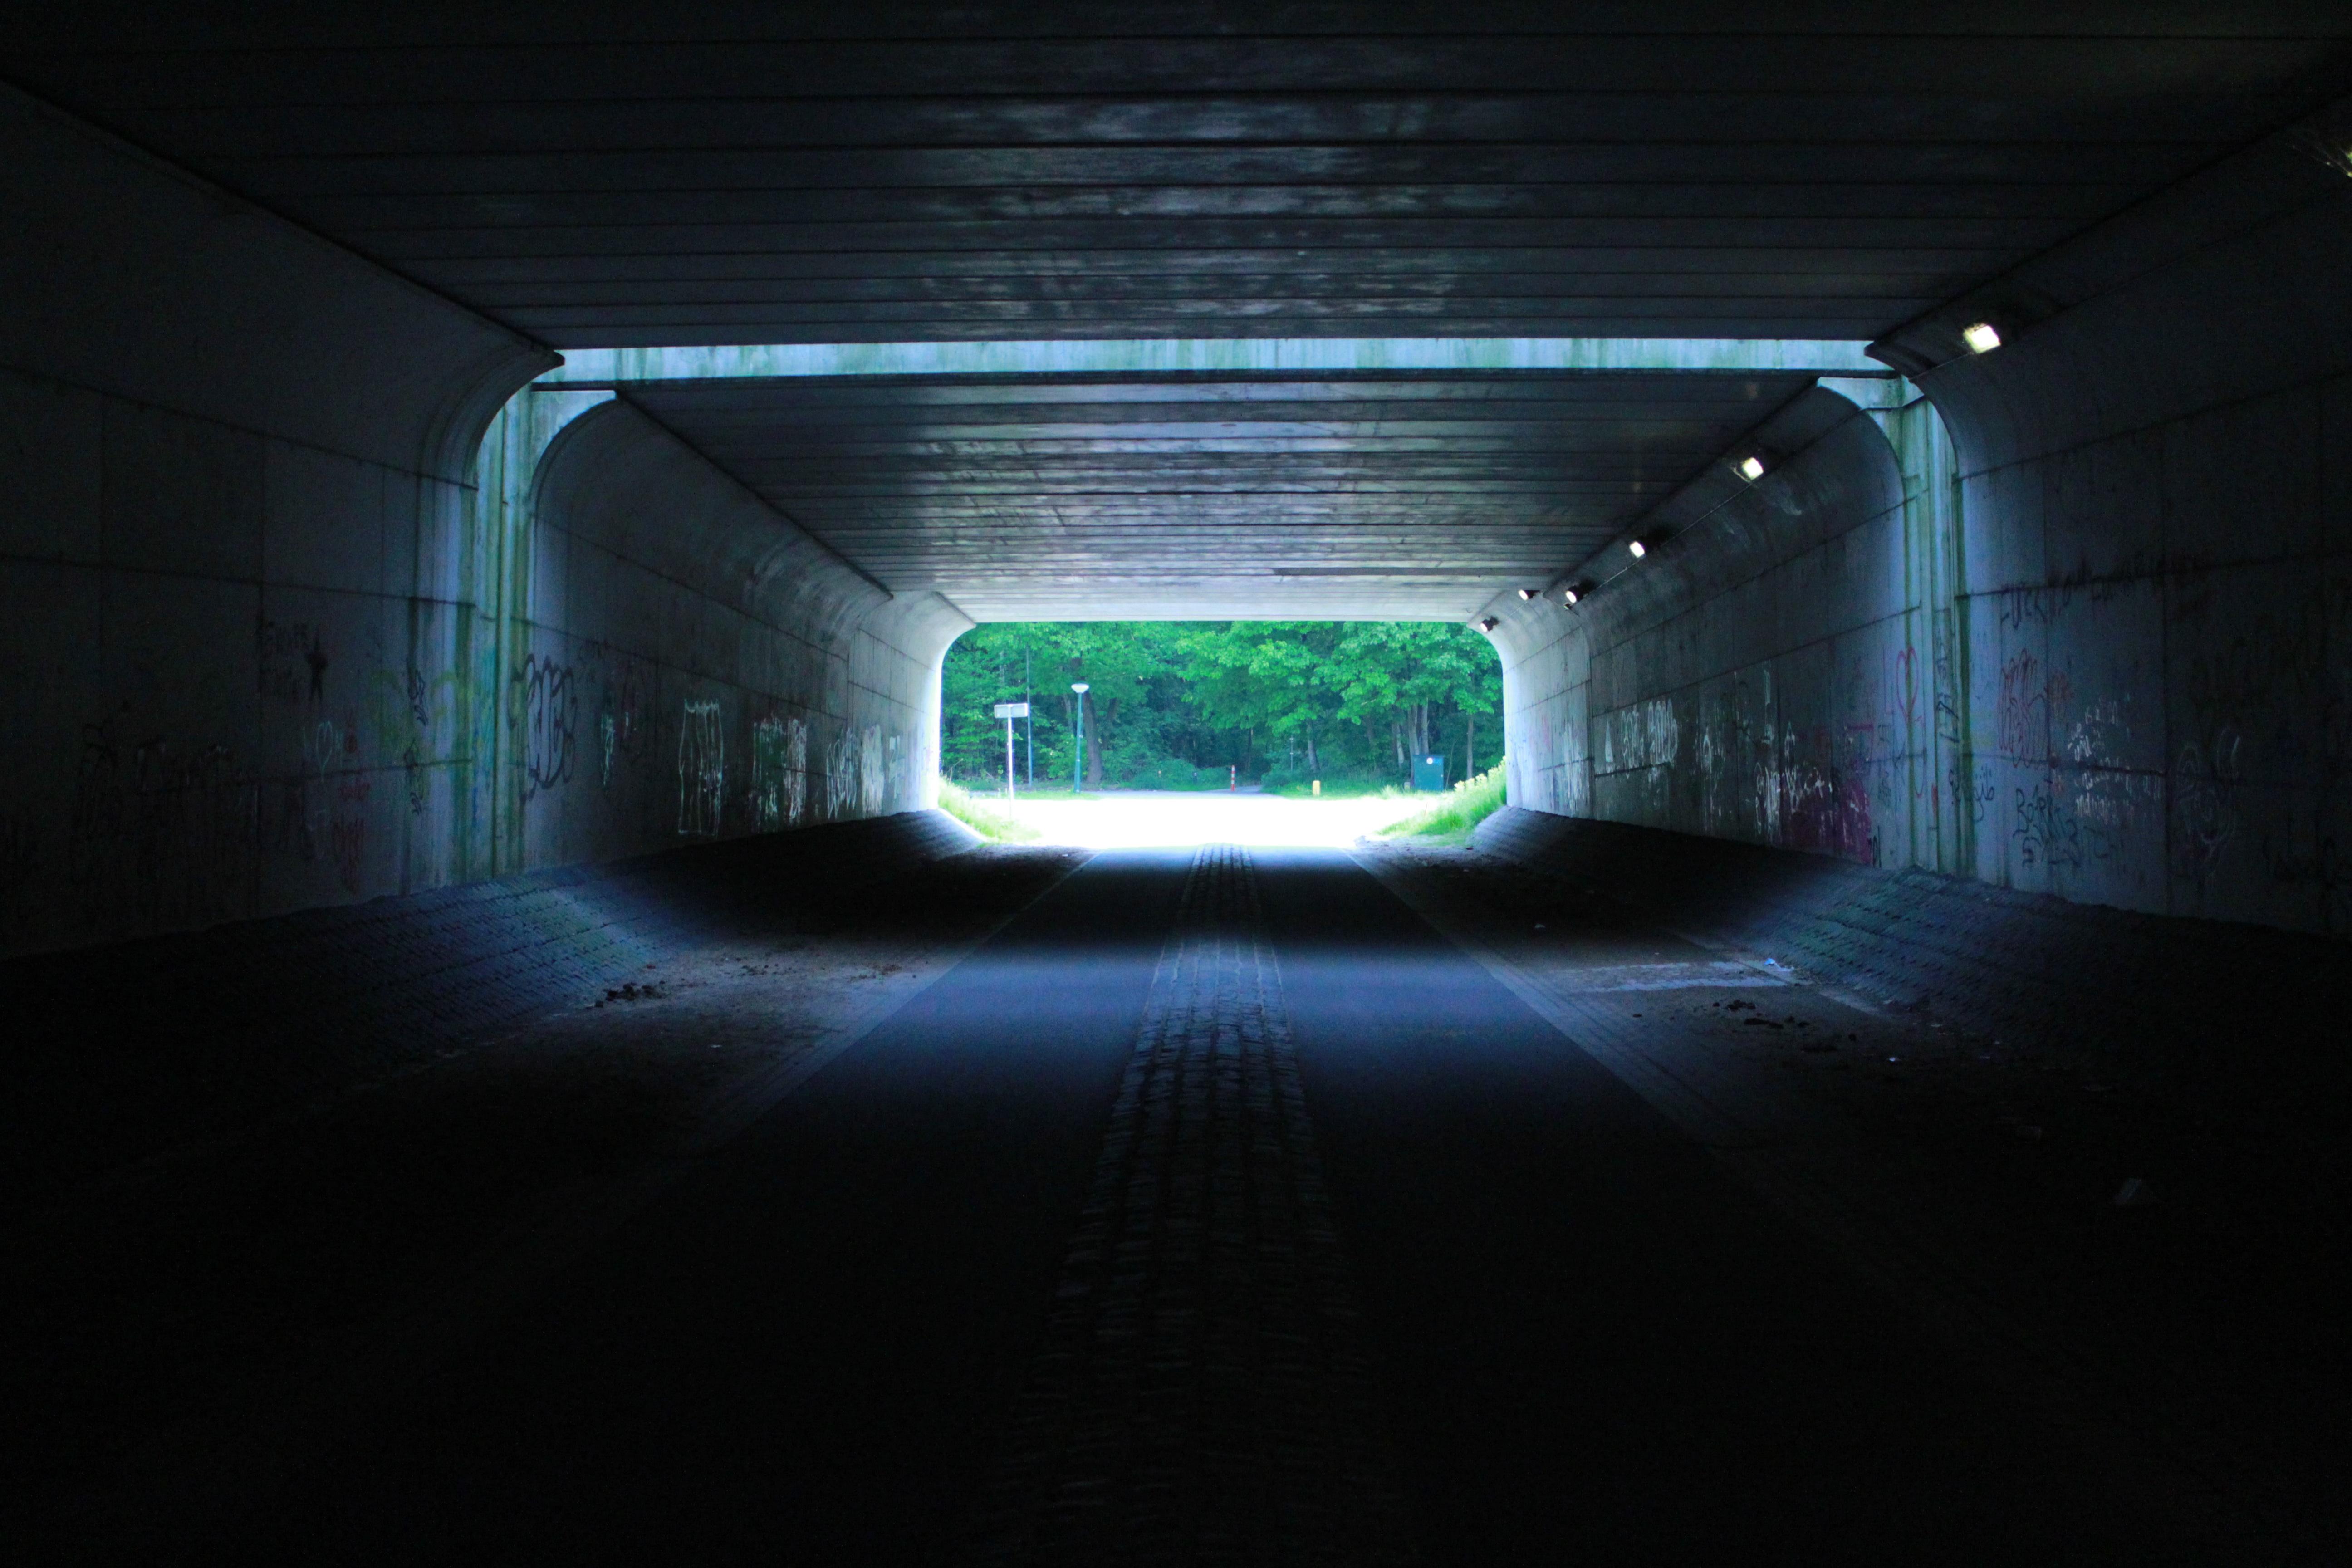 Gratis Afbeeldingen : licht, tunnel, metro, duisternis, verlichting ...